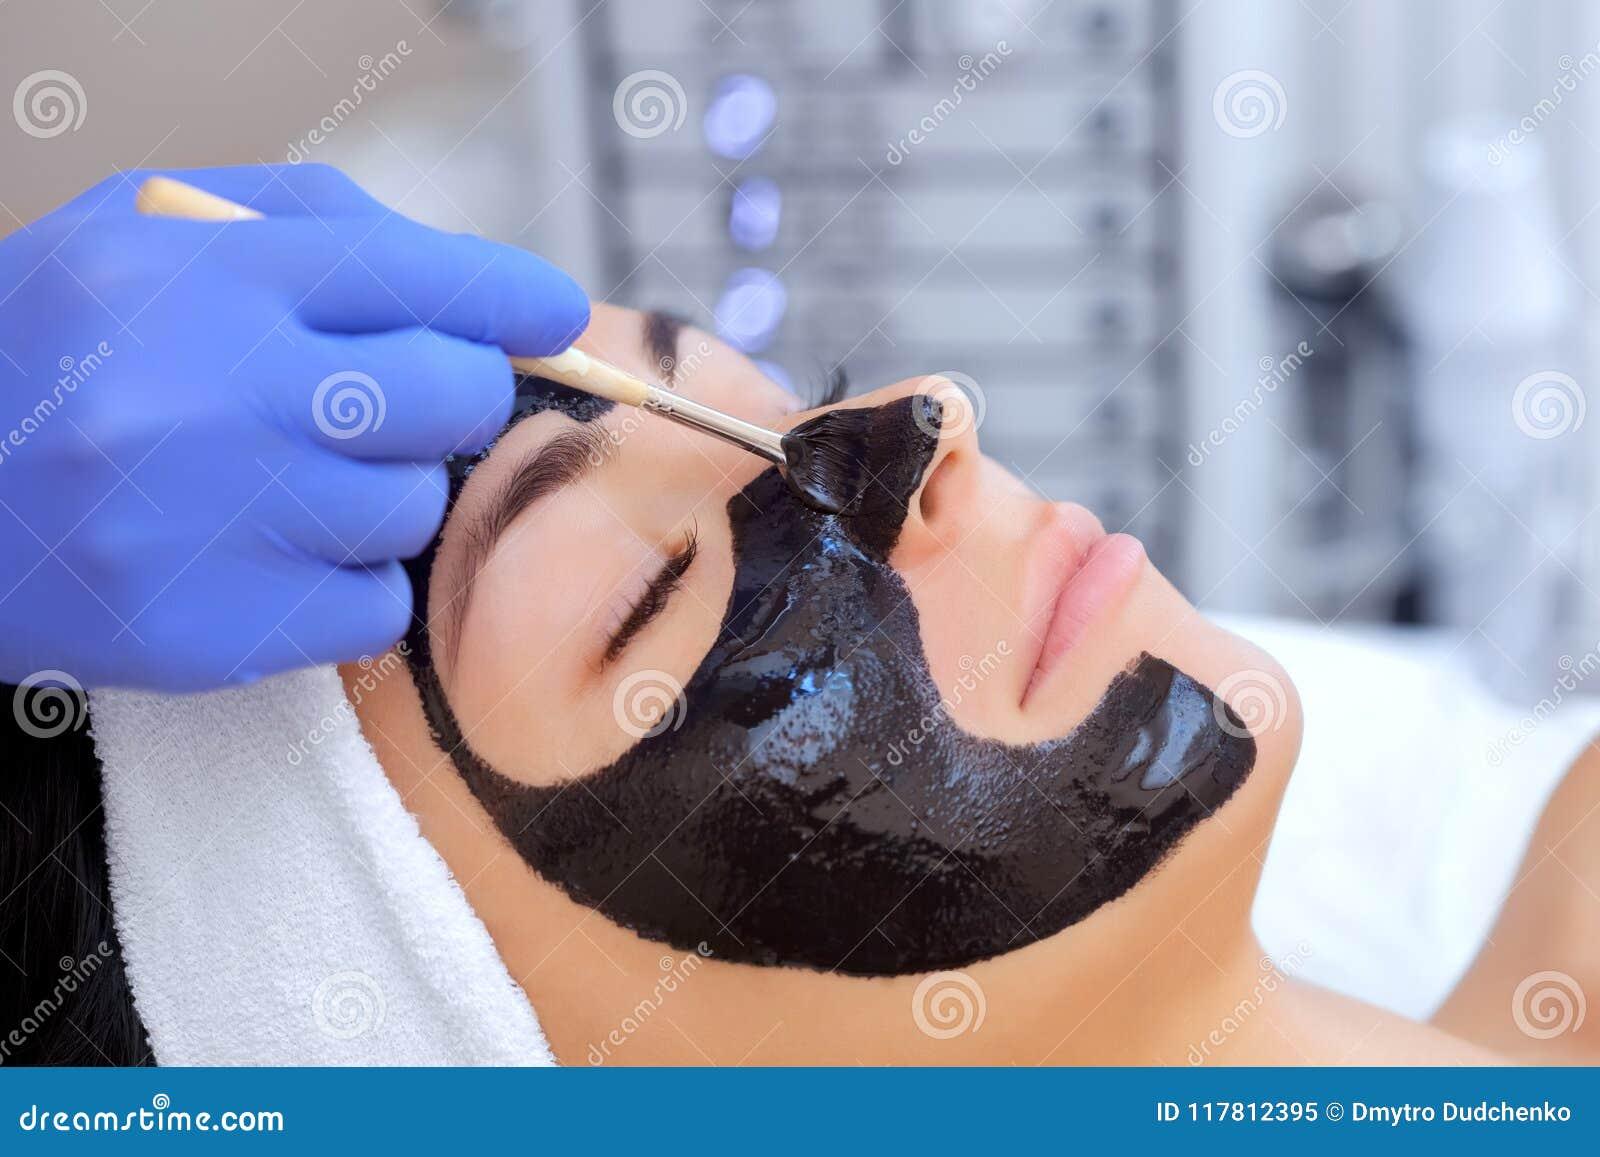 De procedure om een zwart masker op het gezicht van een mooie vrouw toe te passen